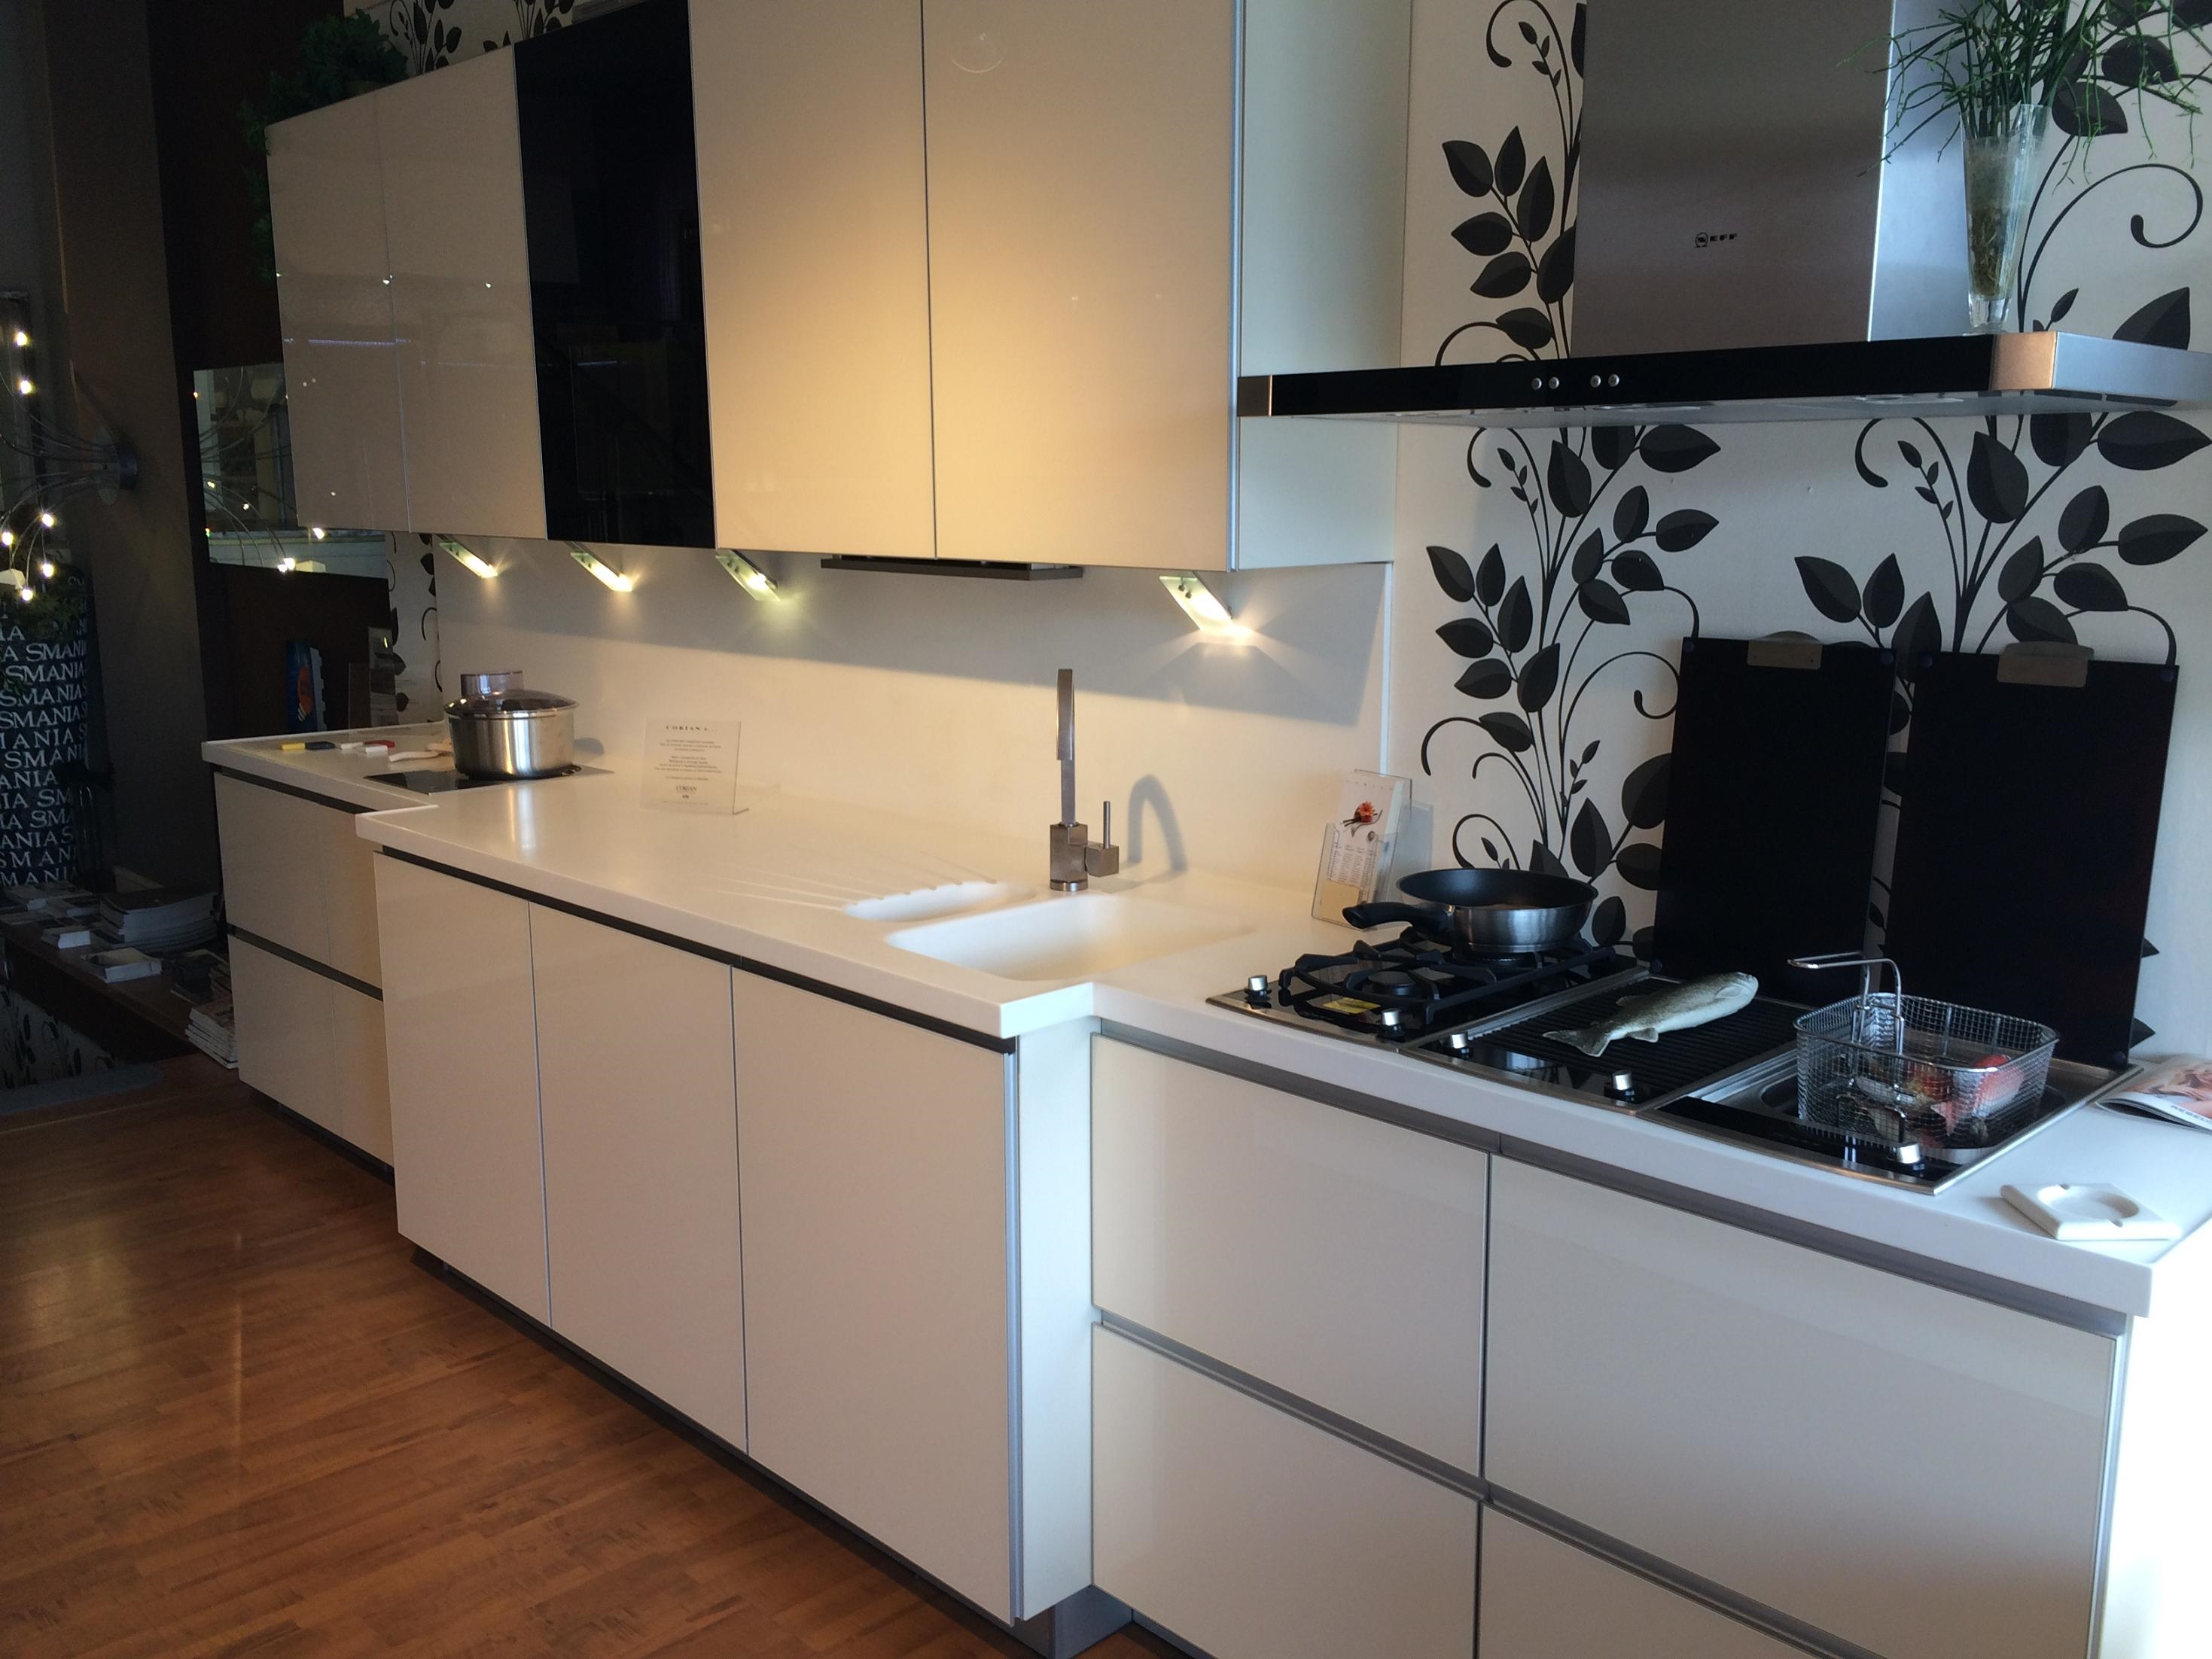 Schienale Cucina Vetro – Idea d\'immagine di decorazione